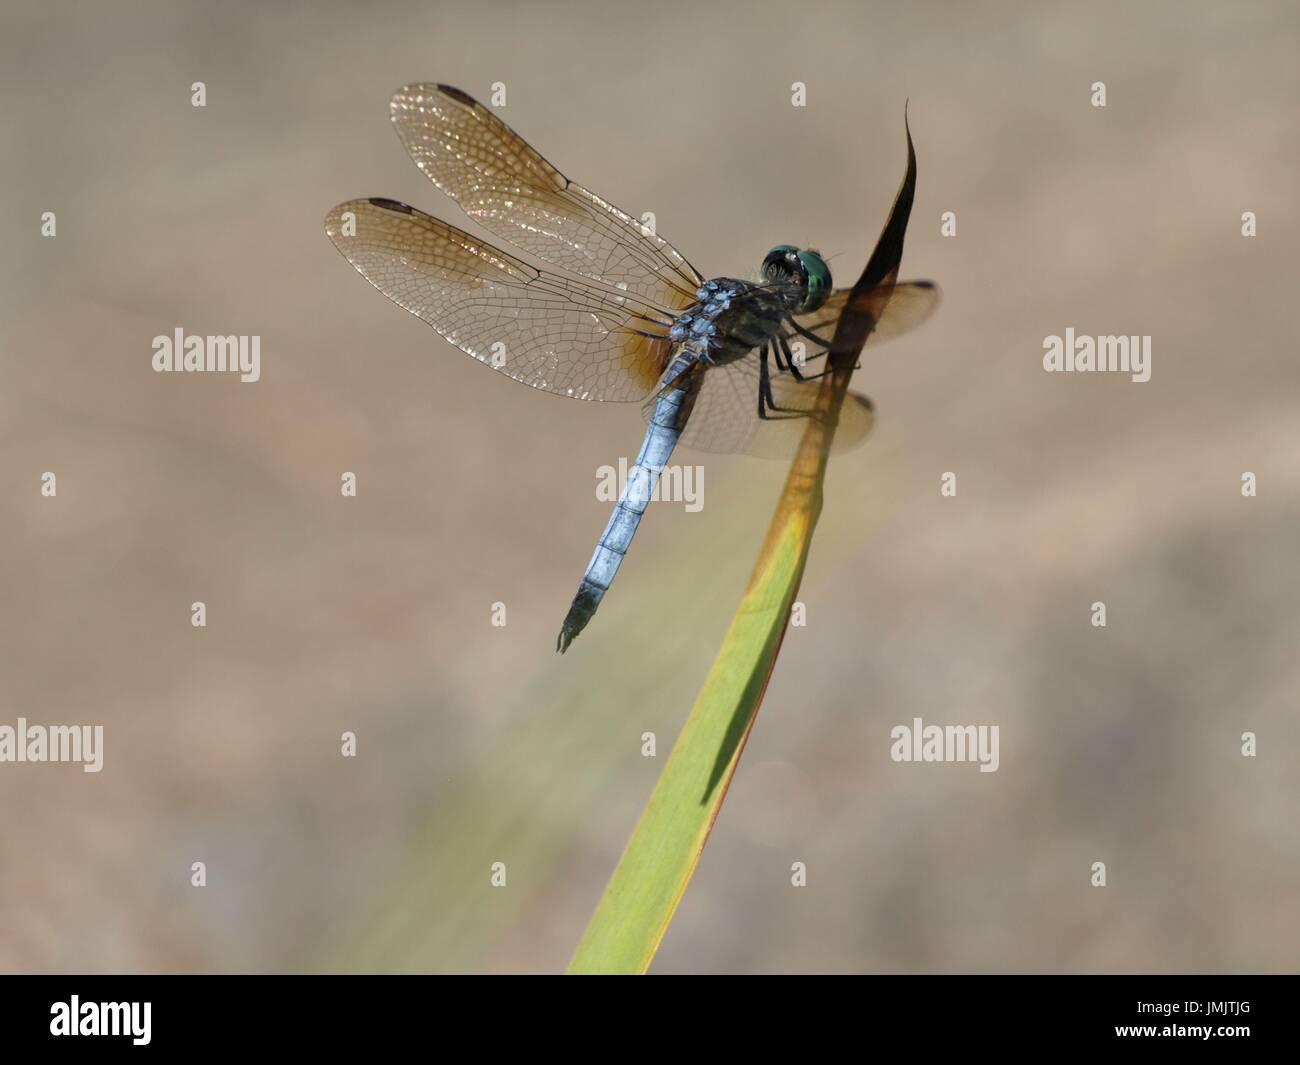 Libellula blu con ali iridescenti sulla pianta verde stelo Foto Stock